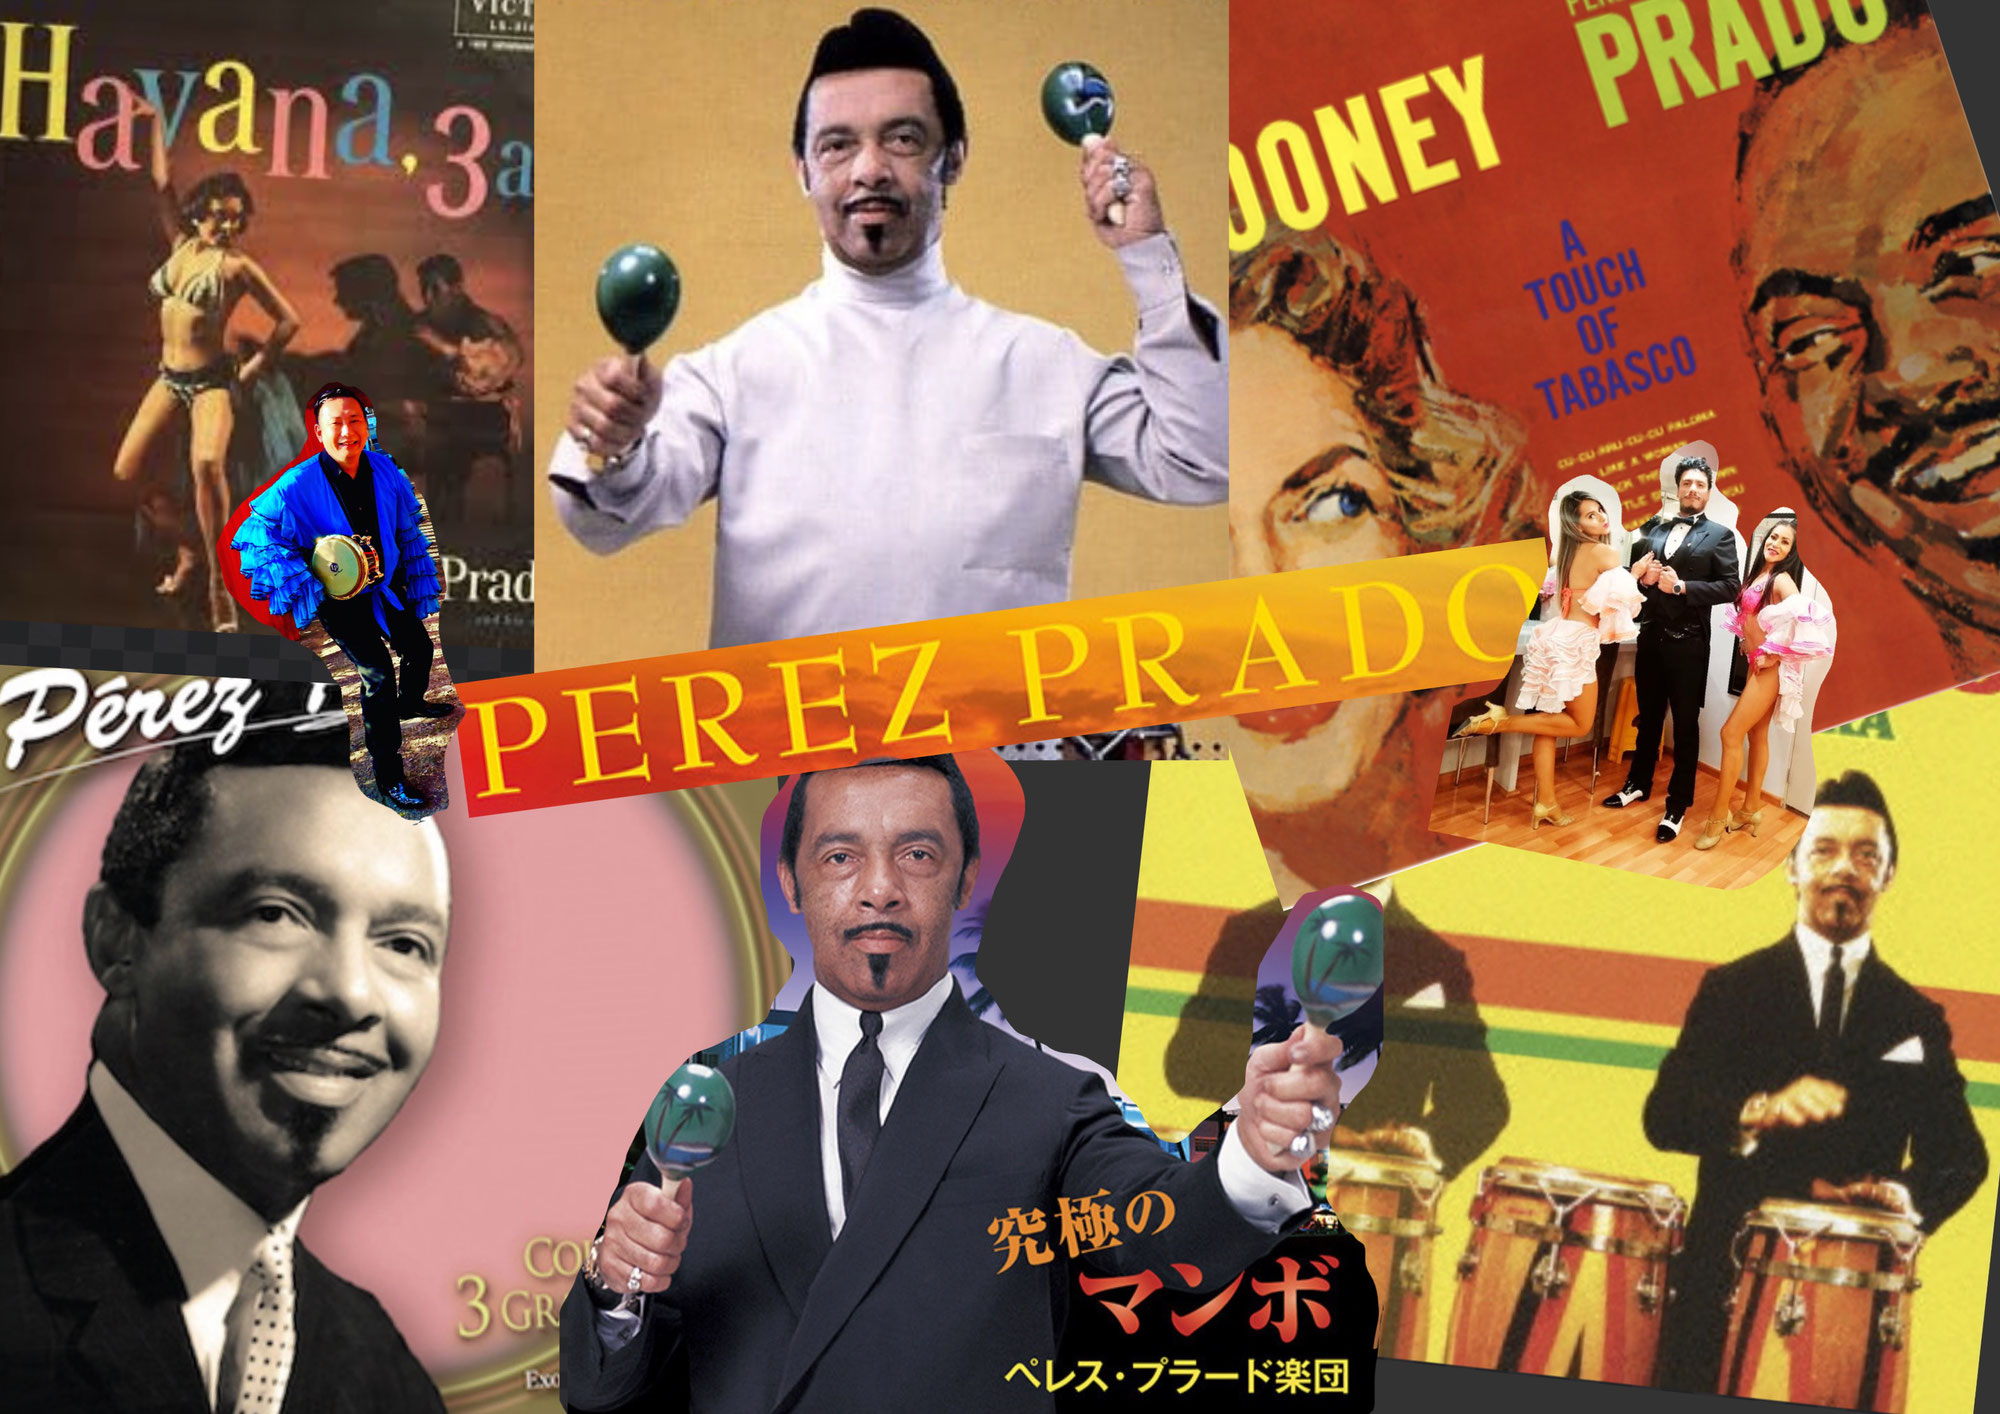 9月14日はマンボの王様「ペレス・プラード」の命日です